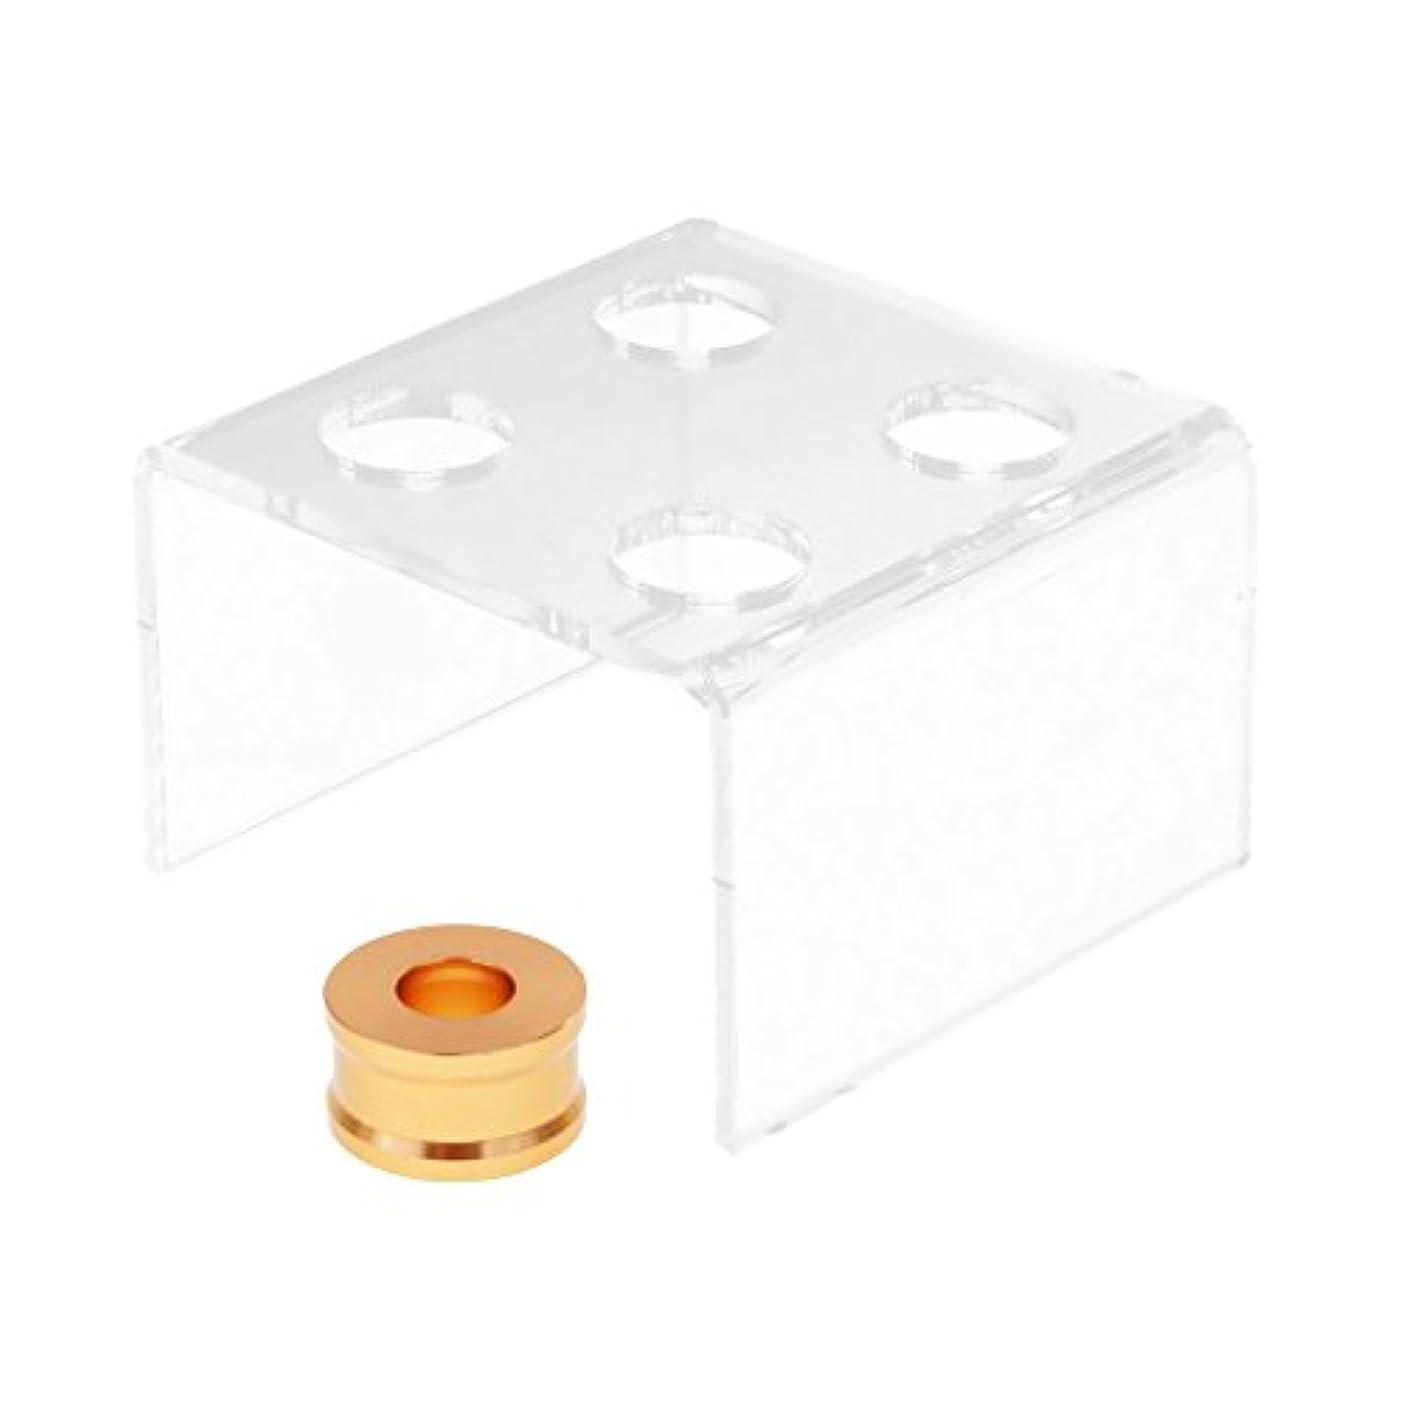 状くるくる柔らかい足CUTICATE 12.1mmチューブ スタンドと口紅の型リング リップクリーム DIY 金型 メイクアップツール